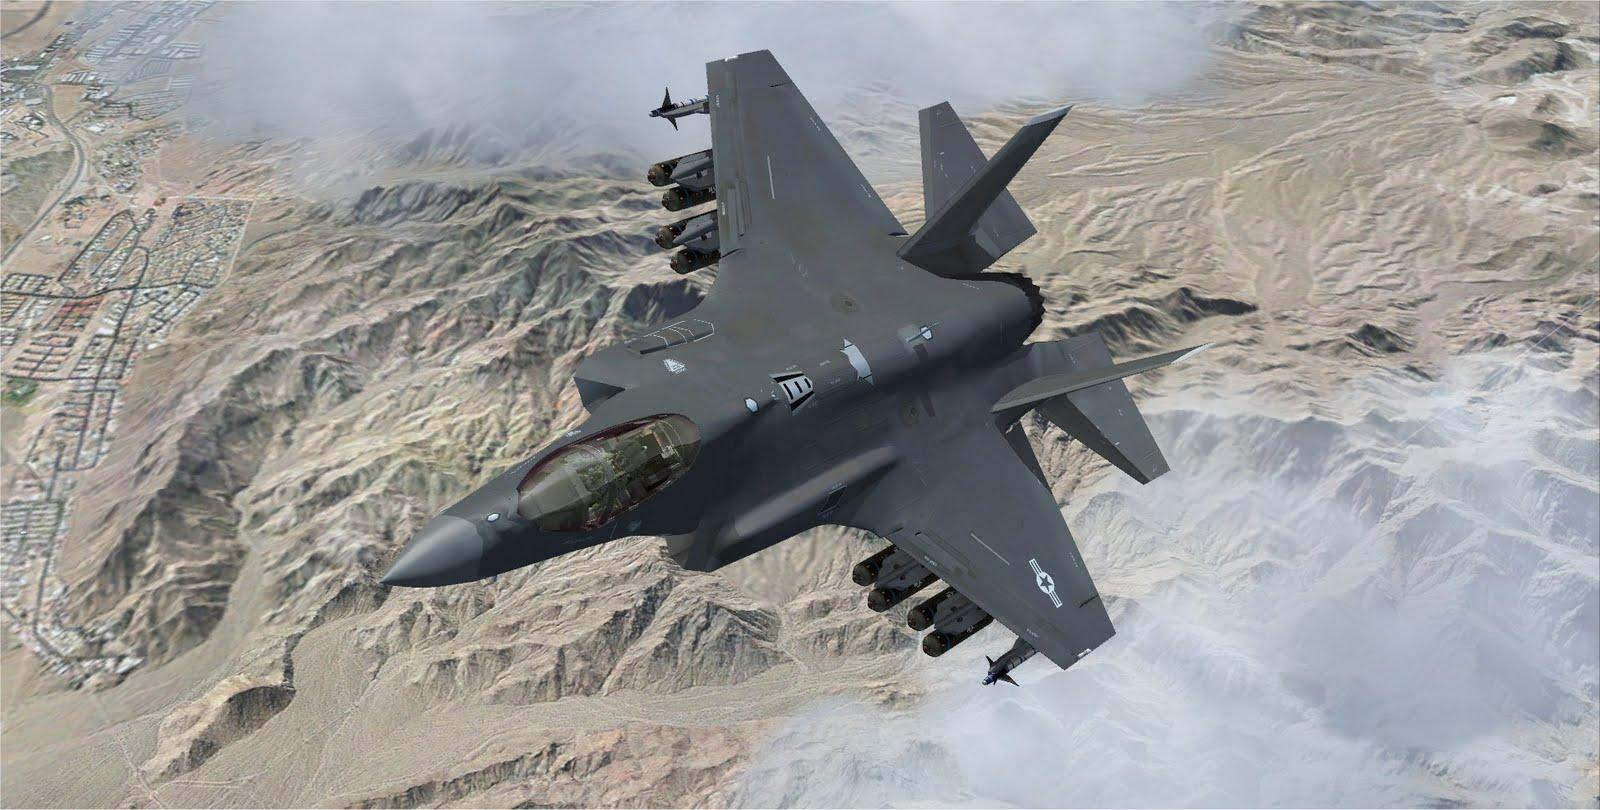 """إسرائيل تشتري سرب طائرات مقاتلة من طراز """"اف 35"""""""